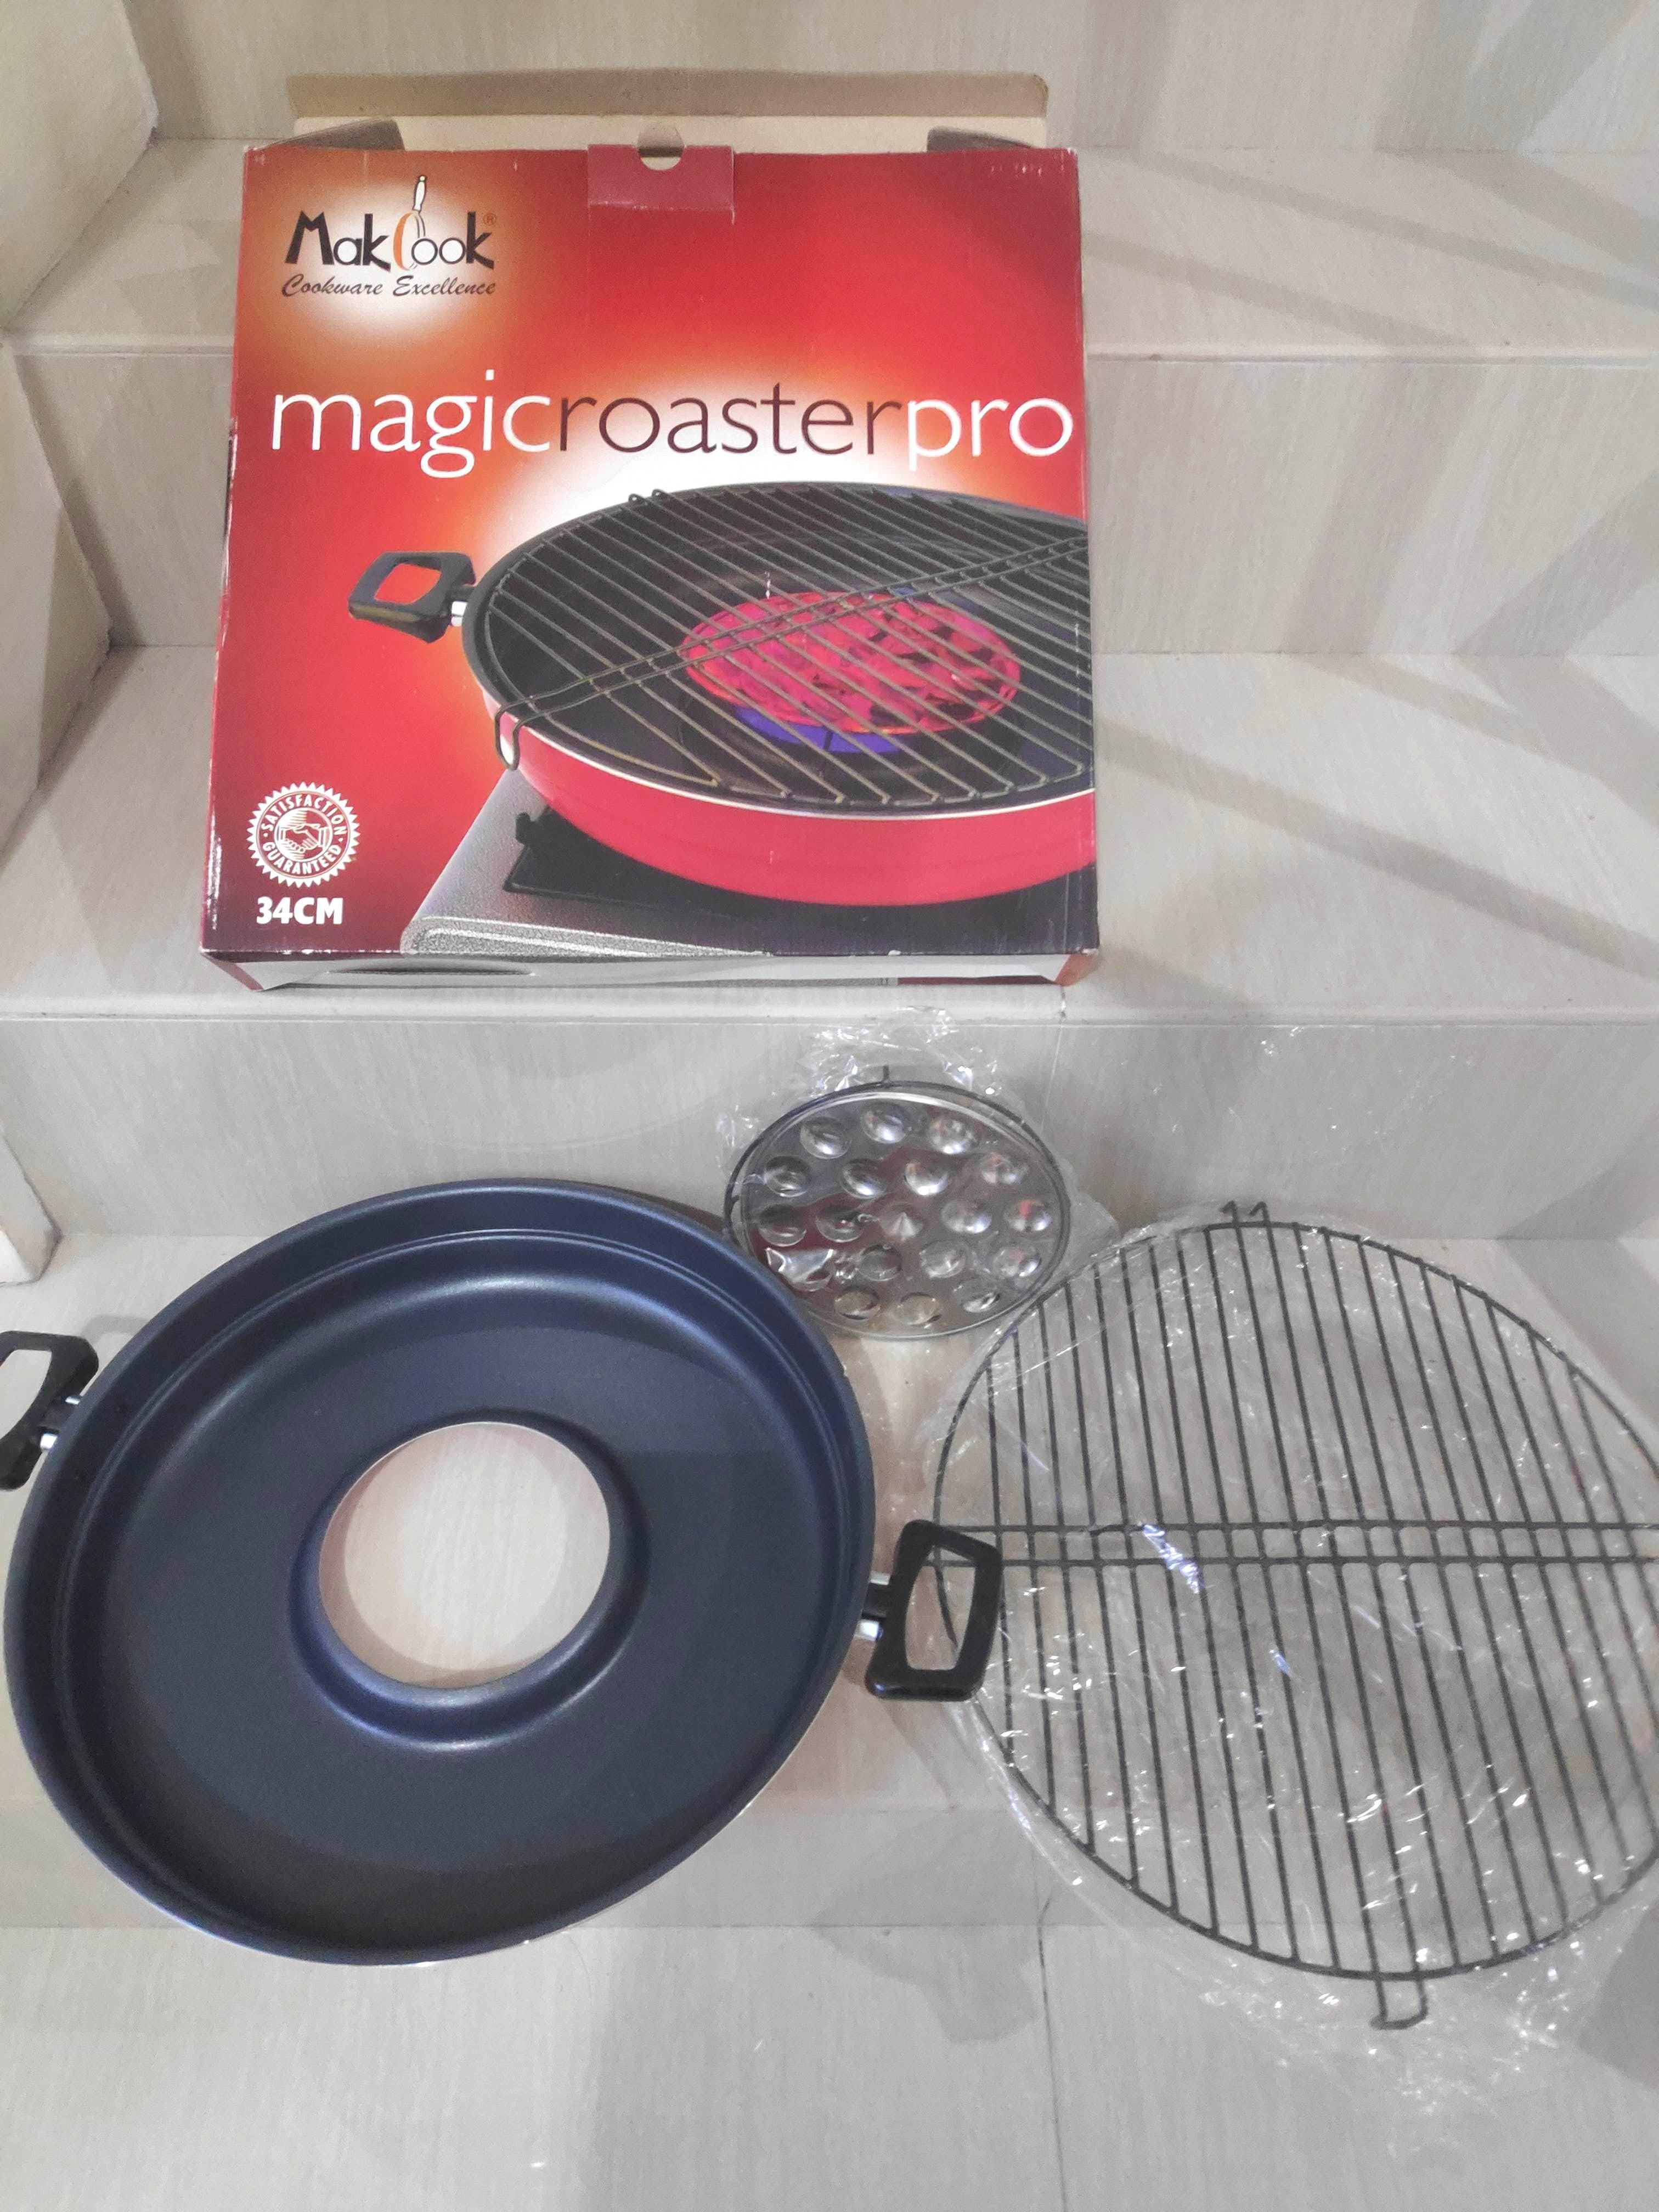 #CNY2021 roaster makcook